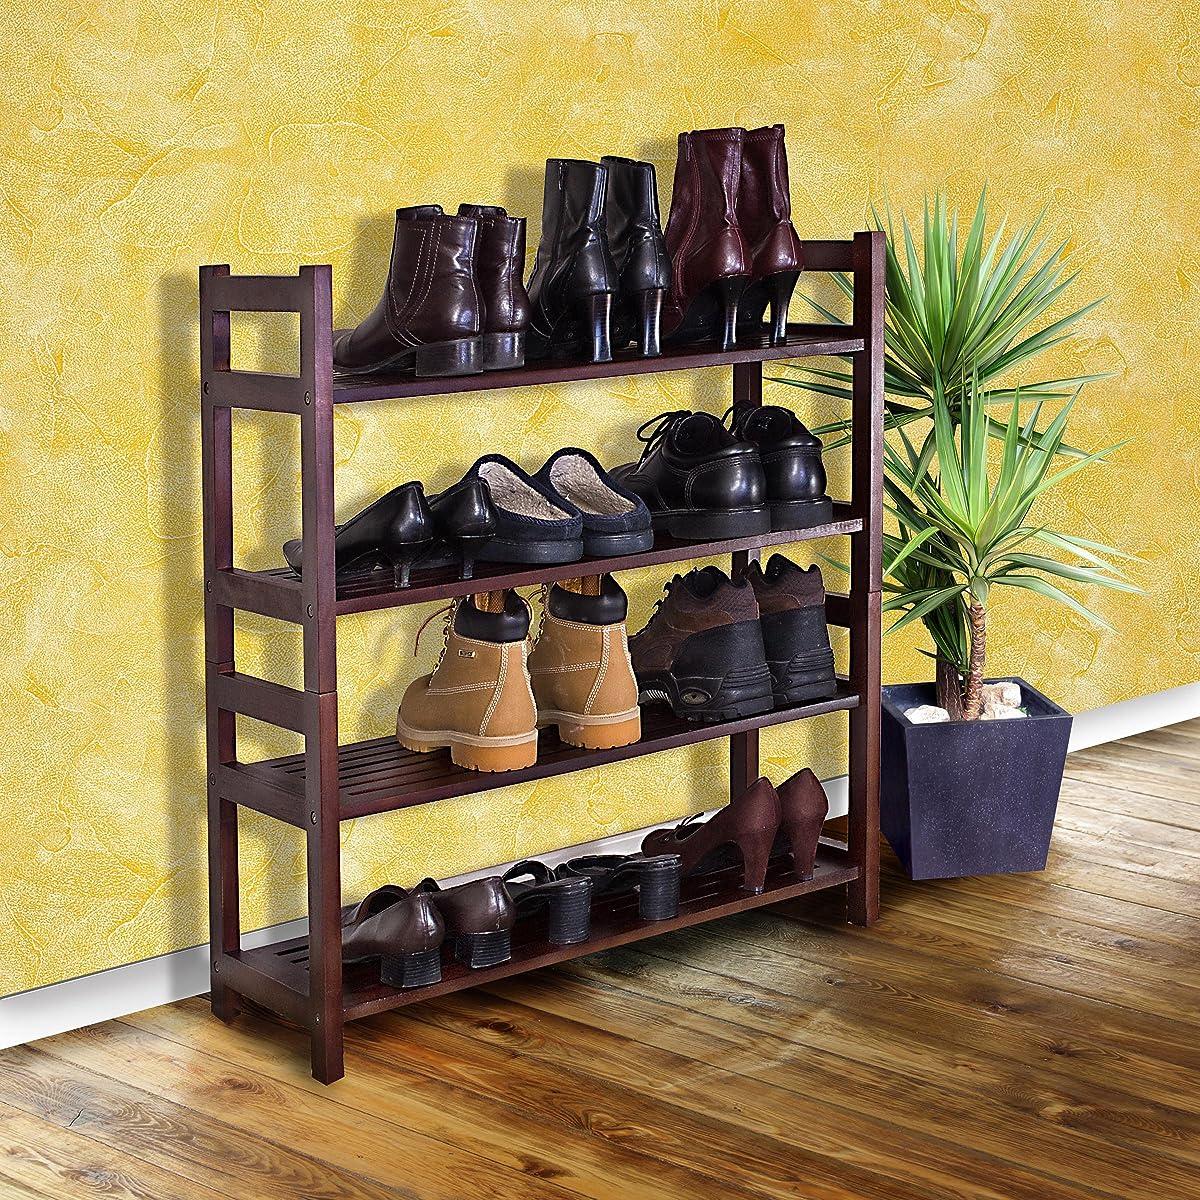 D Art Collection Veranda Shoe Rack With 4 Tier Shelf Dark